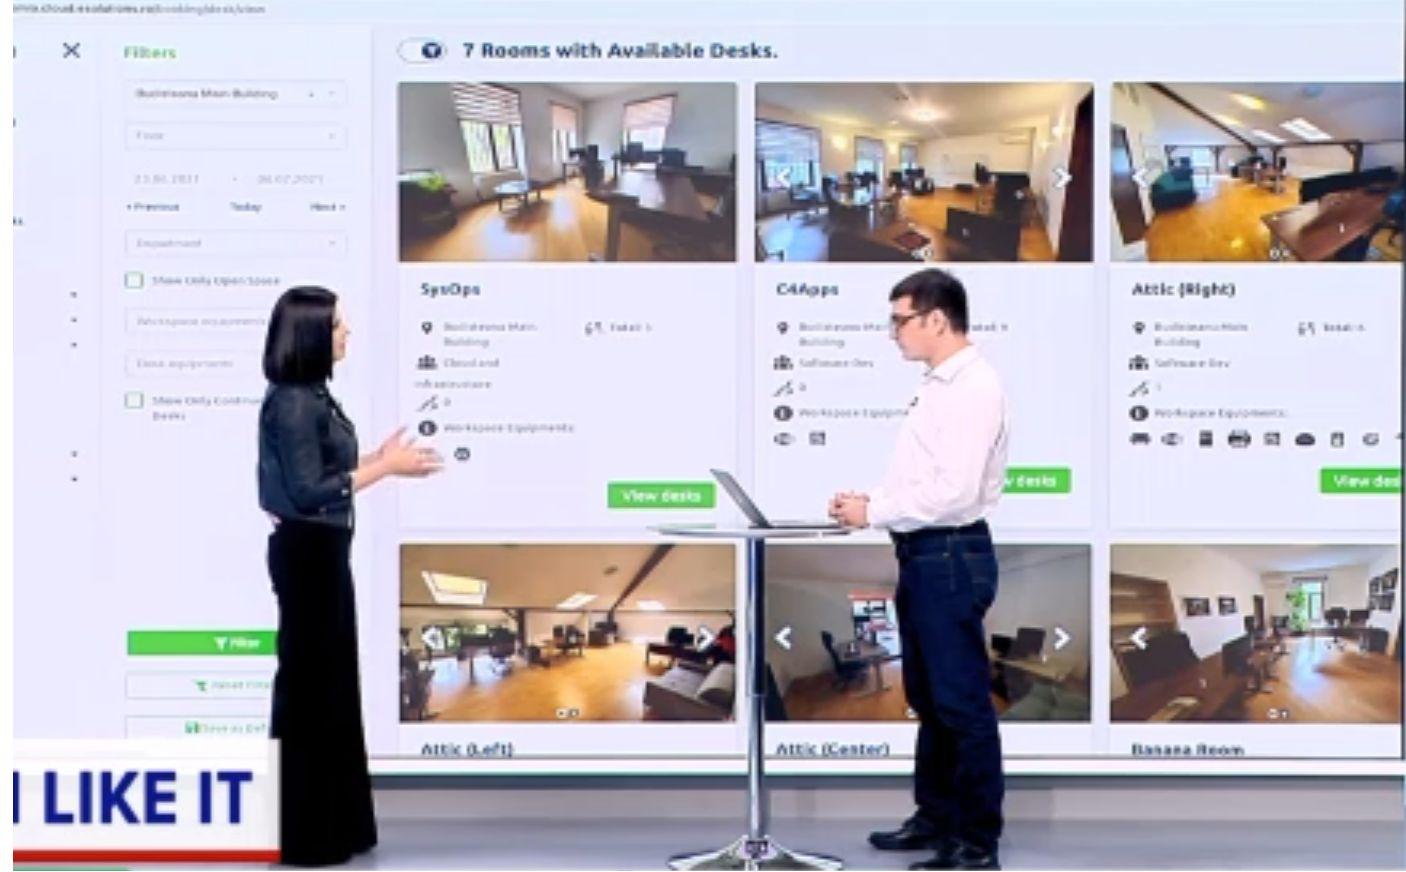 iLikeIT. Platforma prin care se pot rezerva spații la birou, cu tot cu dotări, utilă pentru lucrul în sistem hibrid